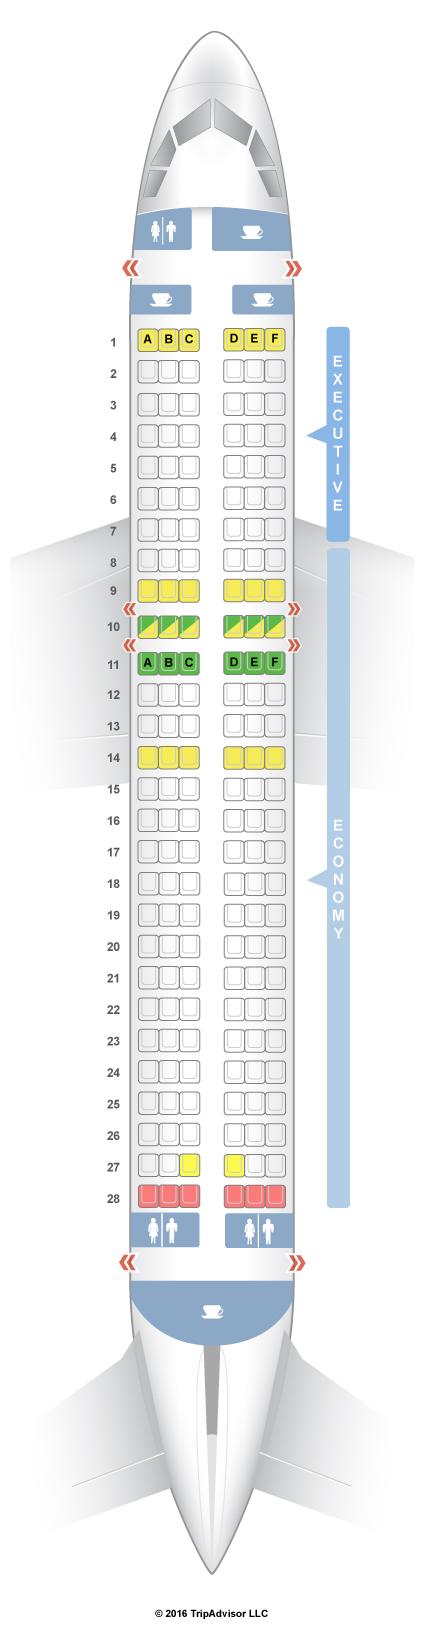 A320 Seat Map SeatGuru Seat Map TAP Portugal